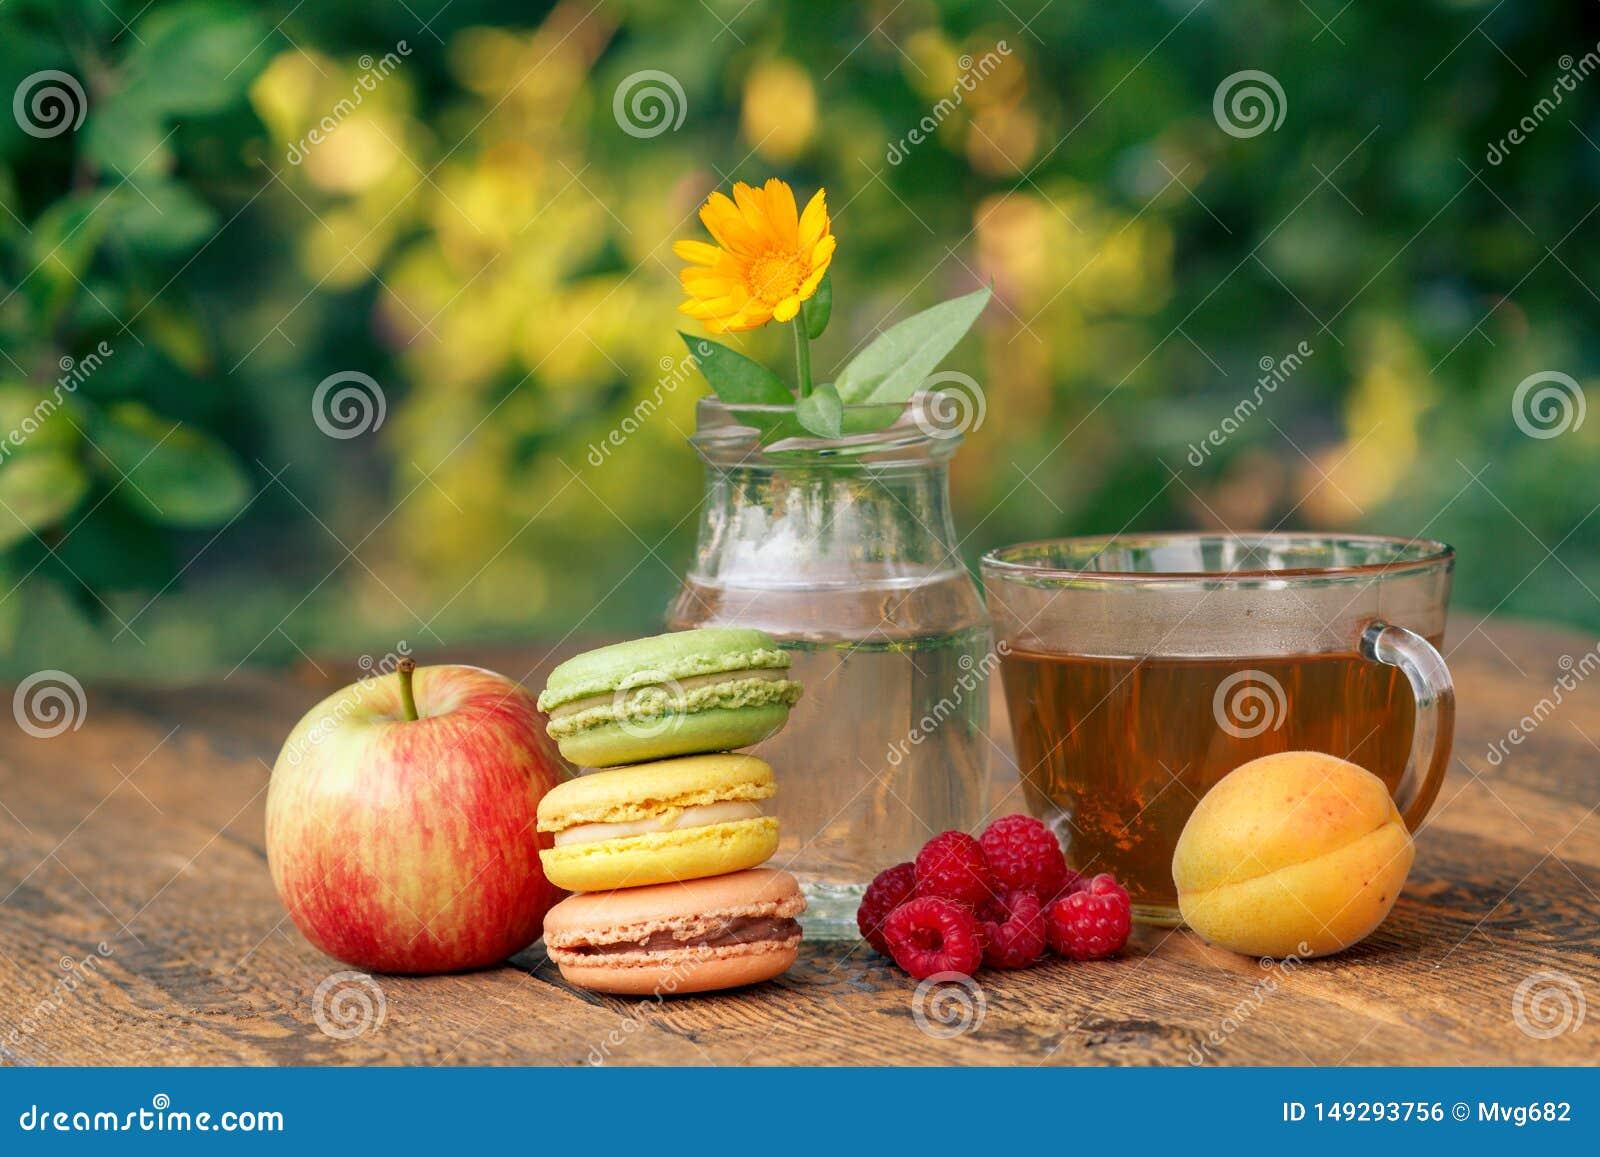 成熟果子、金盏草花与一个词根在一个玻璃烧瓶,蛋白杏仁饼干和杯子绿茶